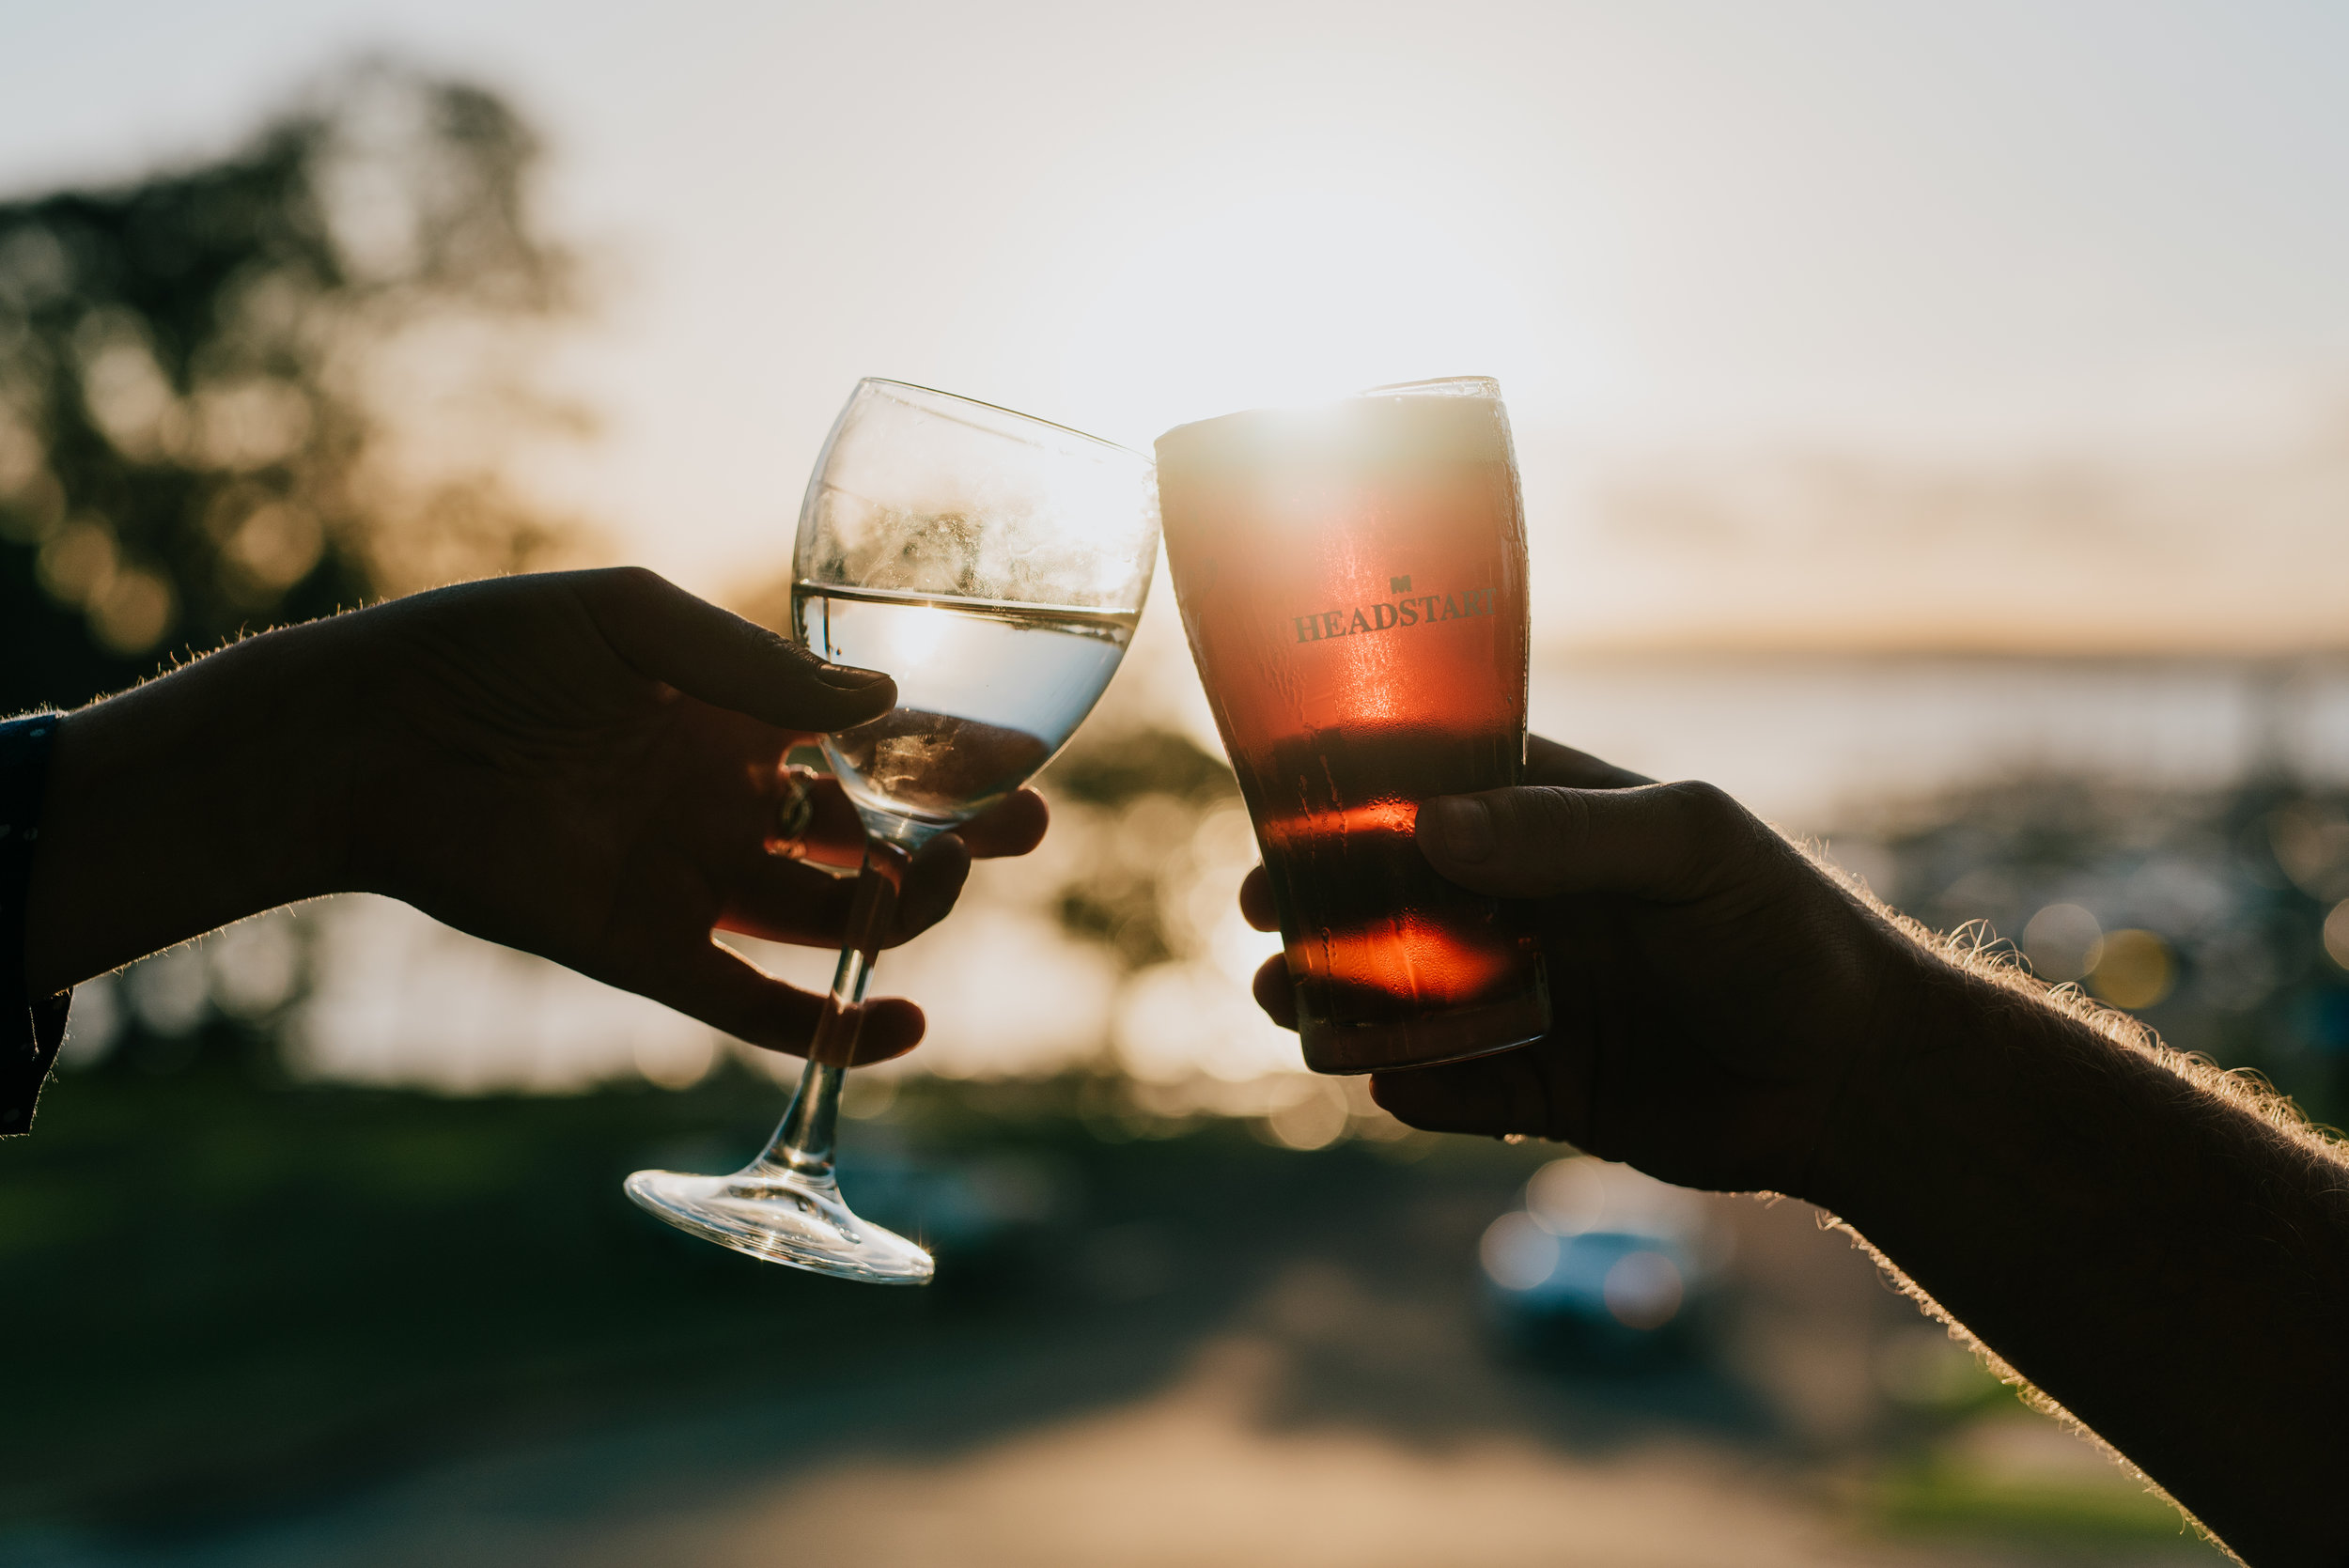 gunyah_hotel_beer___wine.jpg